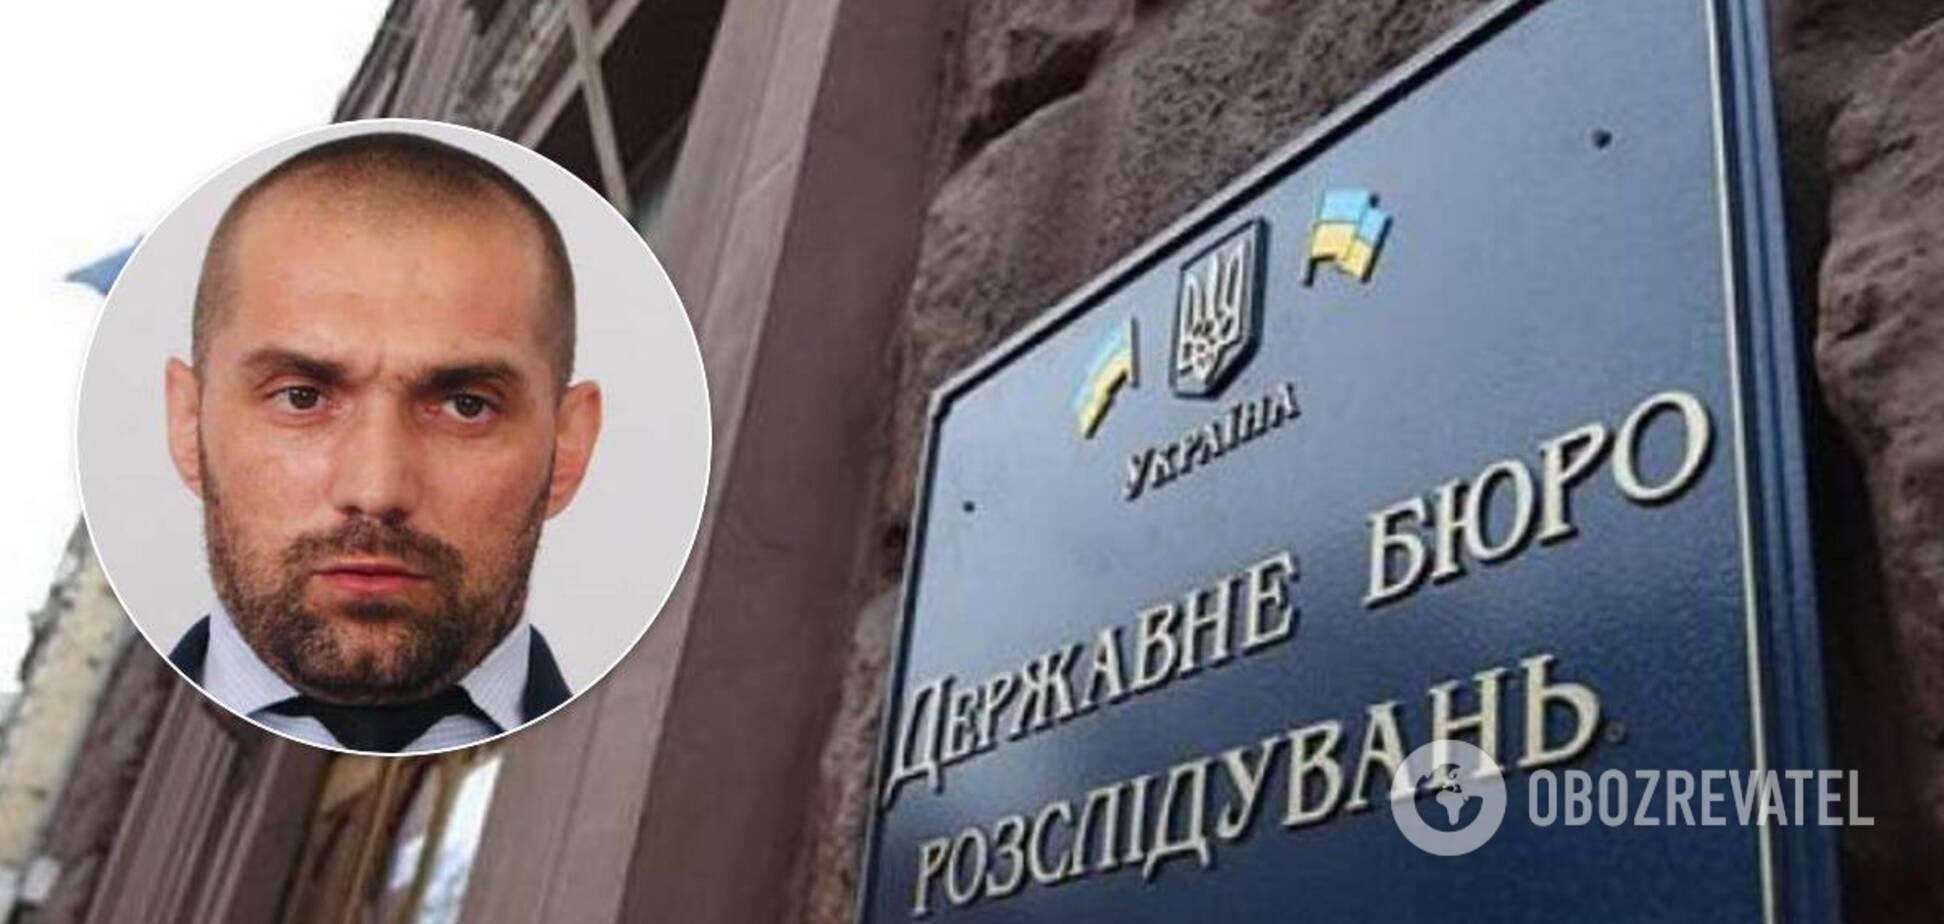 Из ГБР уволили следователя, заявившего об отсутствии состава преступления в делах Порошенко